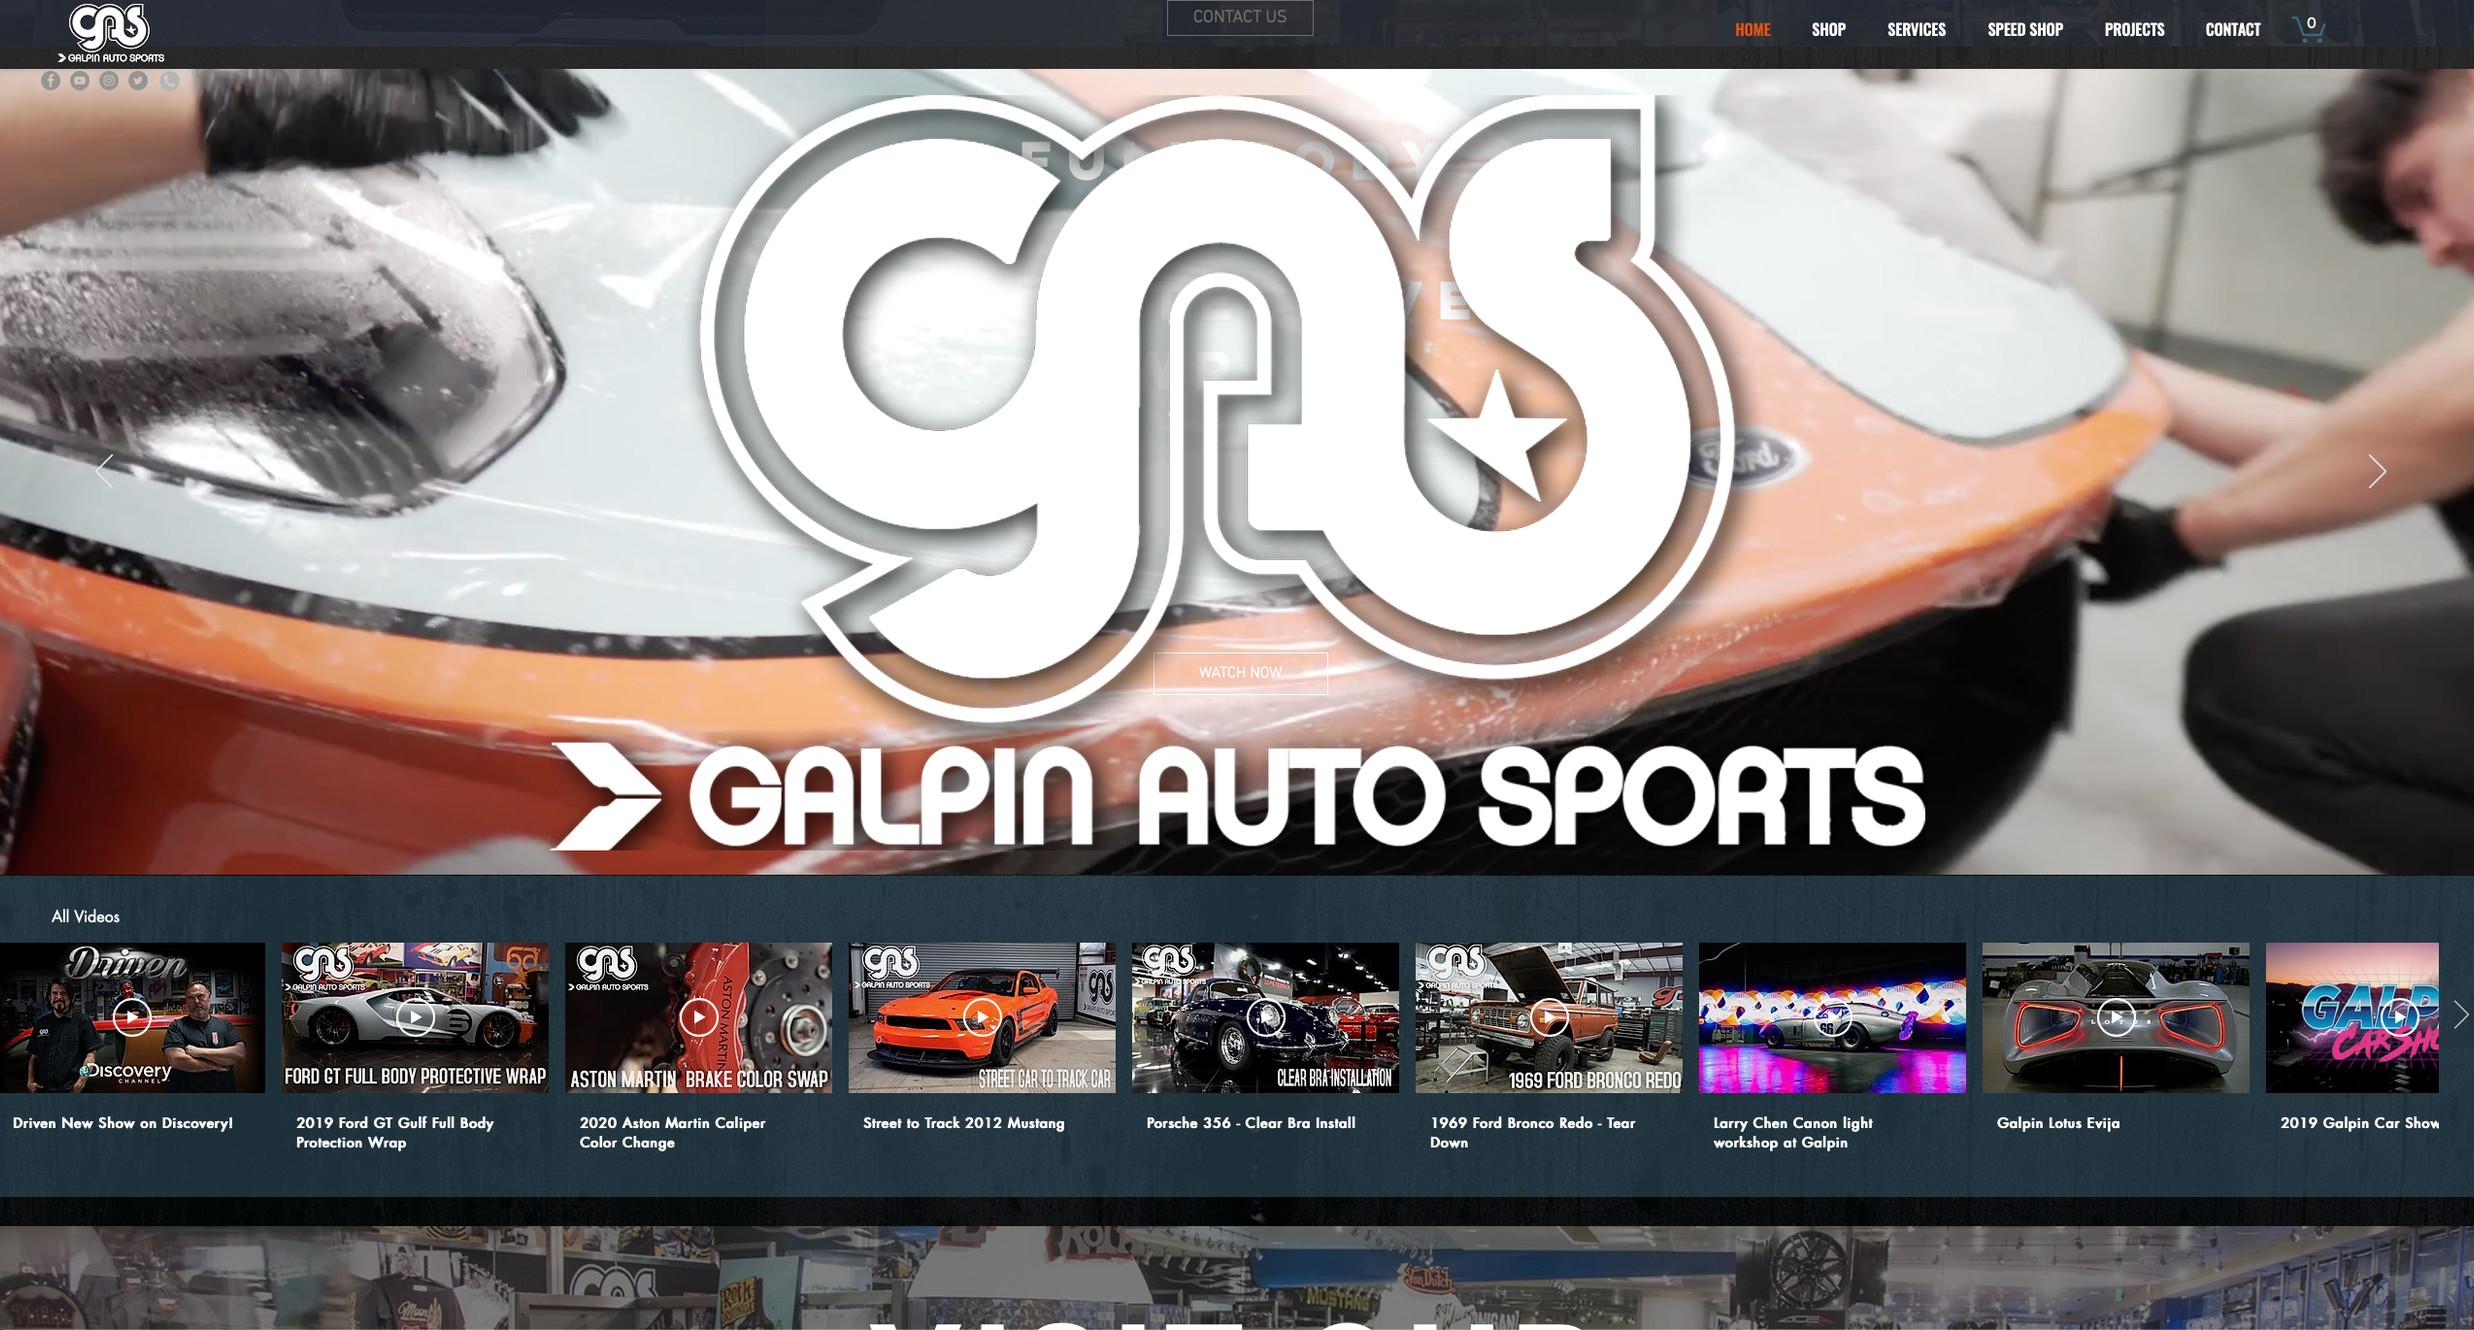 www.galpinautosports.com